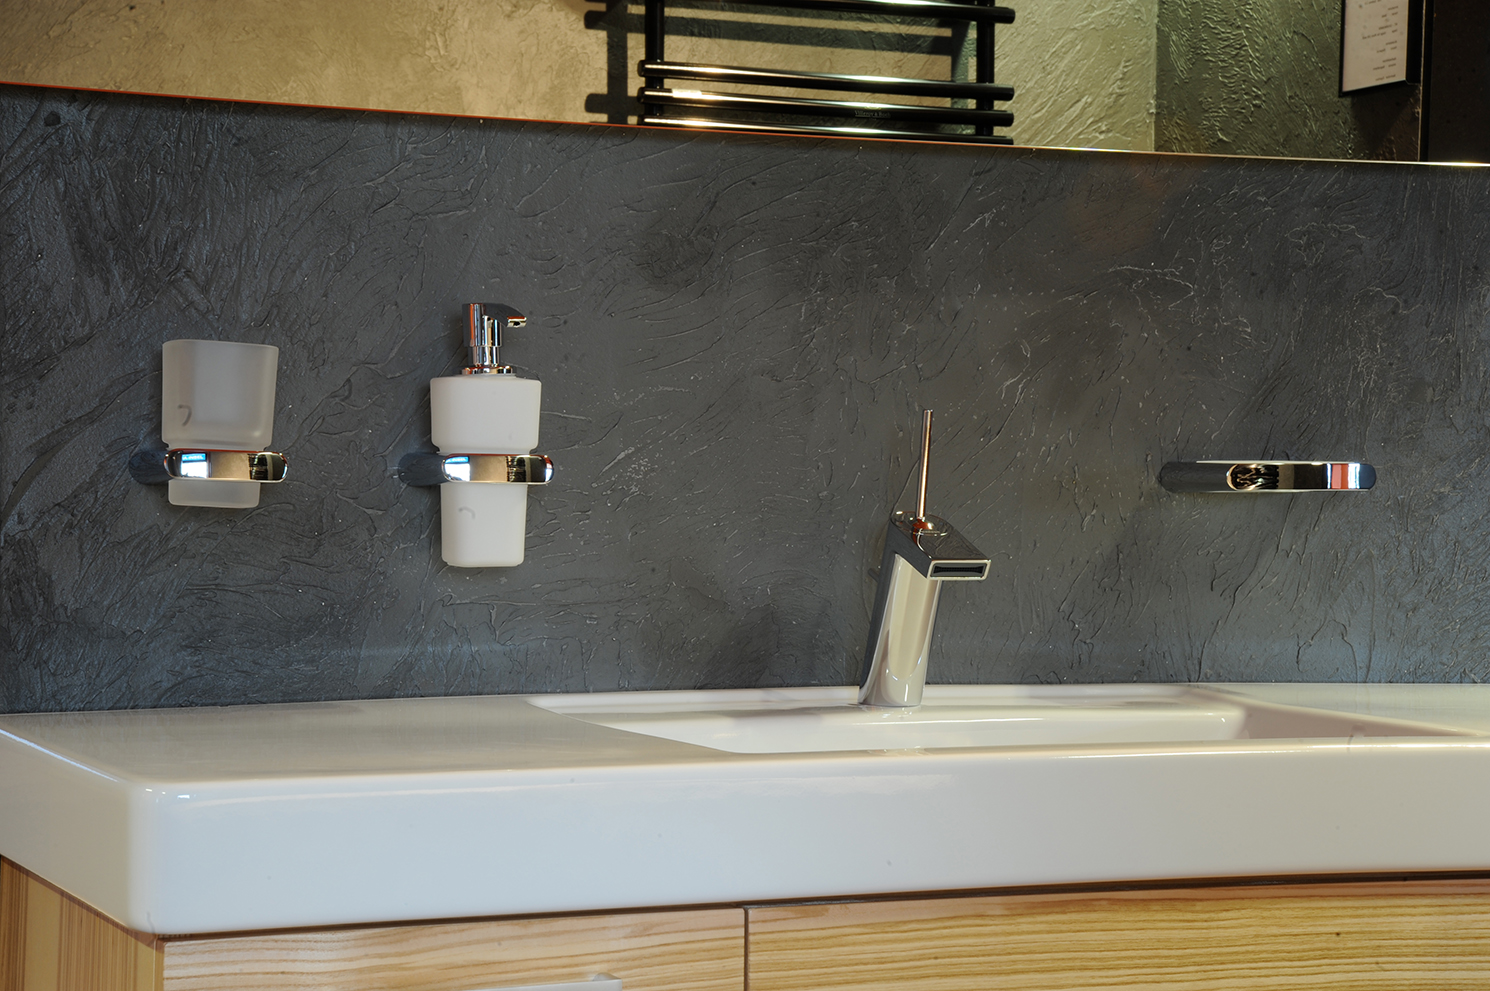 Badezimmer Spachtelbeton gespachteter Beton Dusche Badewanne Betonboden Gussboden fugenlos Treppe grau Küche Bad Wohnzimmer Tisch Möbel mainTisch mainBeton mainGrill 8